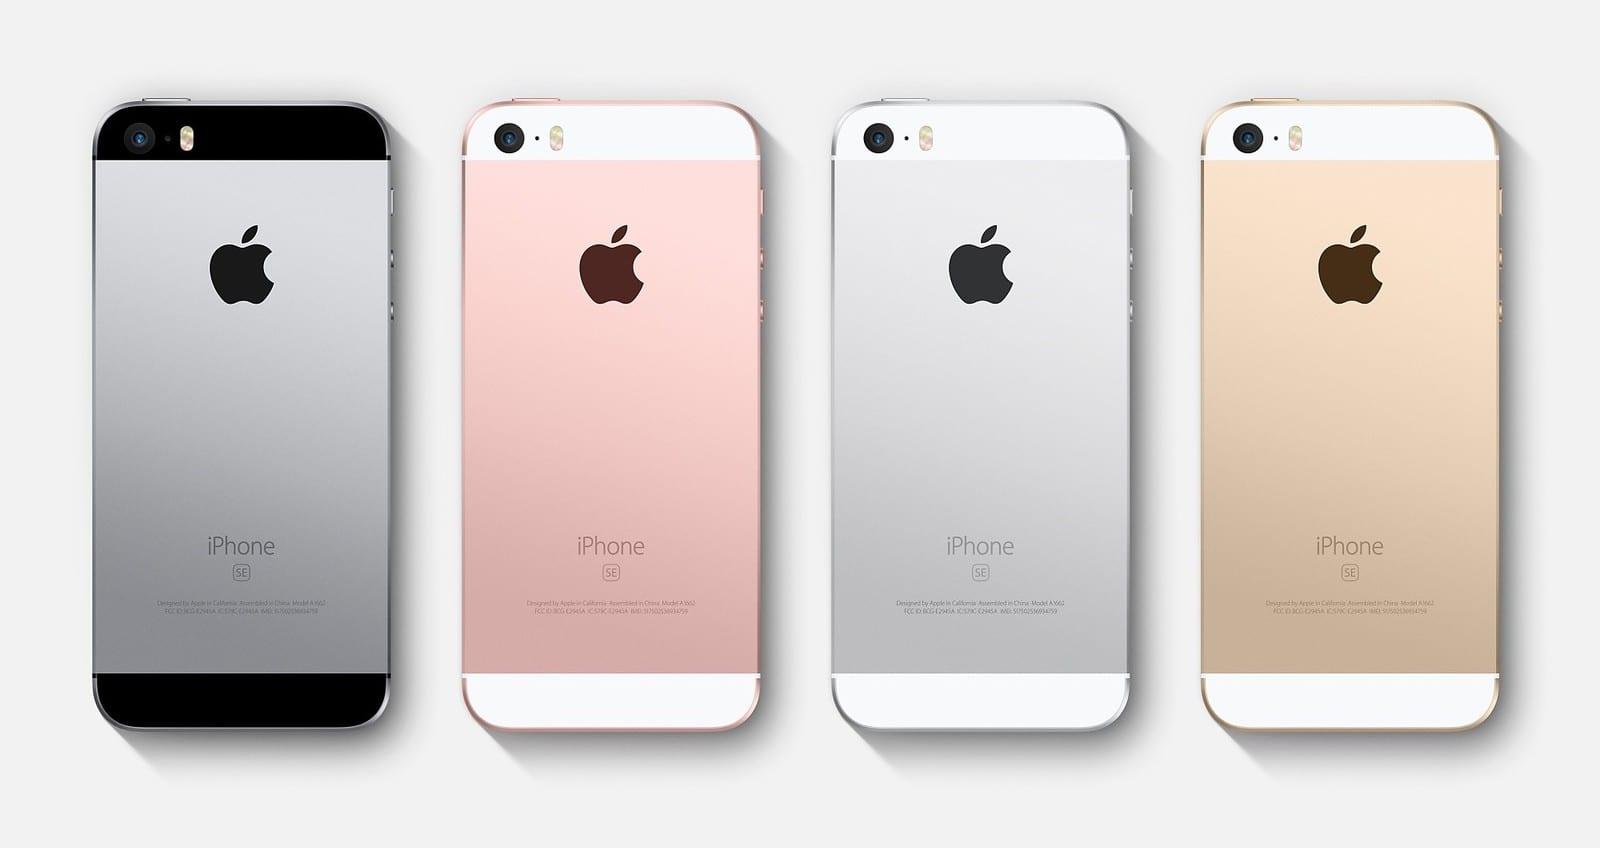 iphone se press nowat - Apple si registroval niekoľko nových iPhonov, vyjsť by mohli už v júni